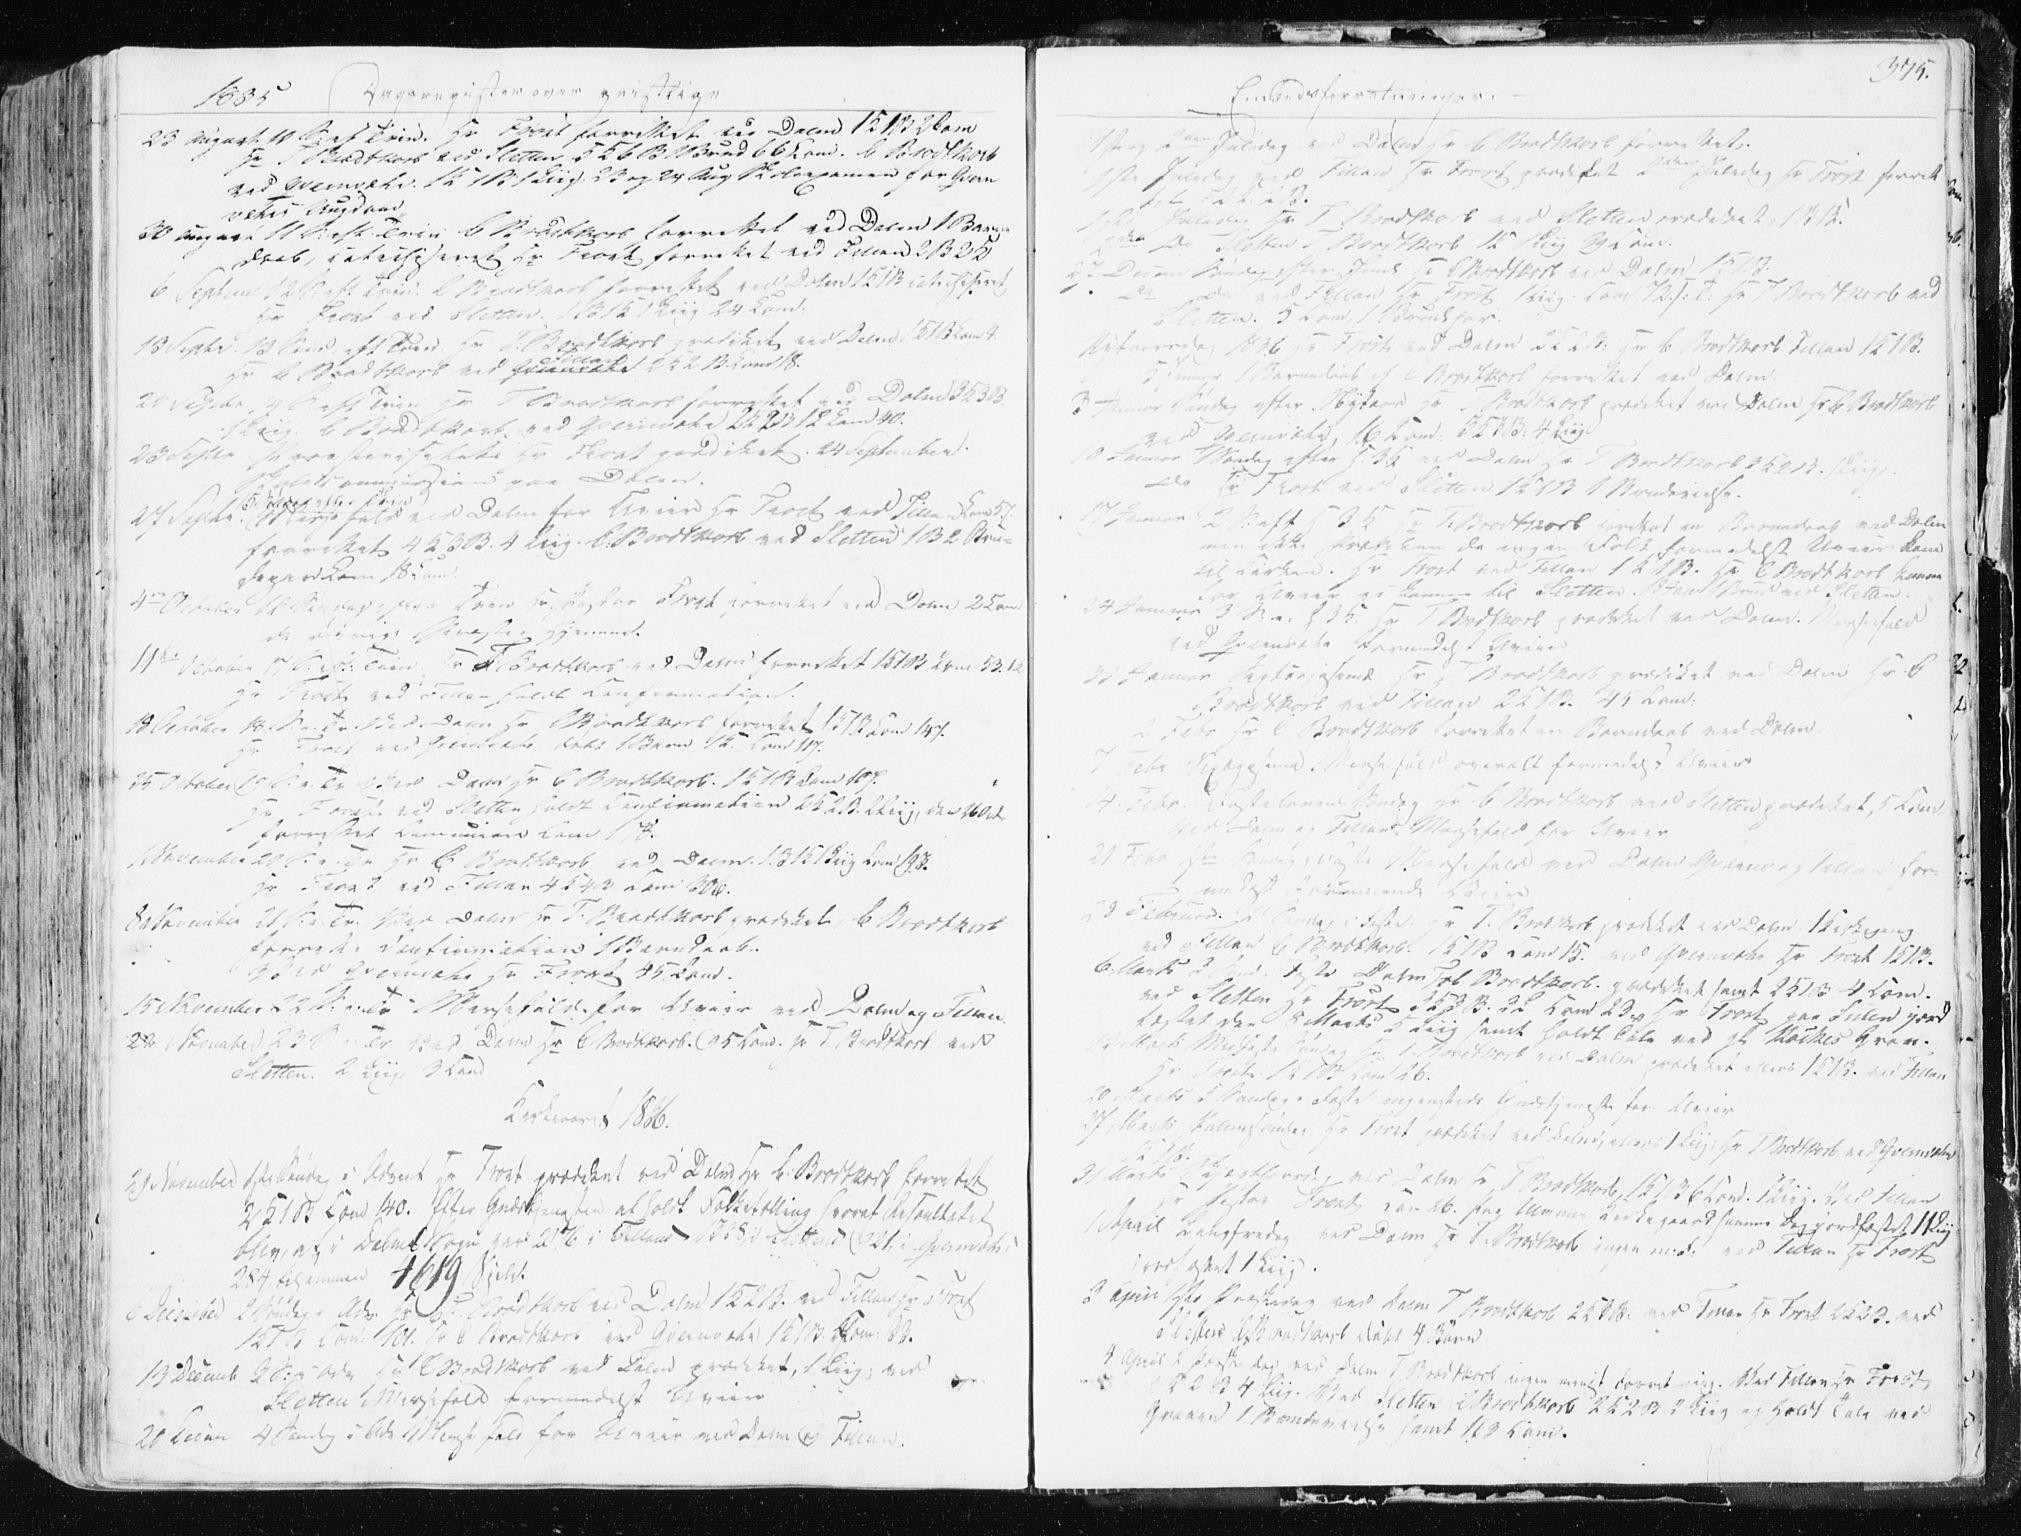 SAT, Ministerialprotokoller, klokkerbøker og fødselsregistre - Sør-Trøndelag, 634/L0528: Ministerialbok nr. 634A04, 1827-1842, s. 375